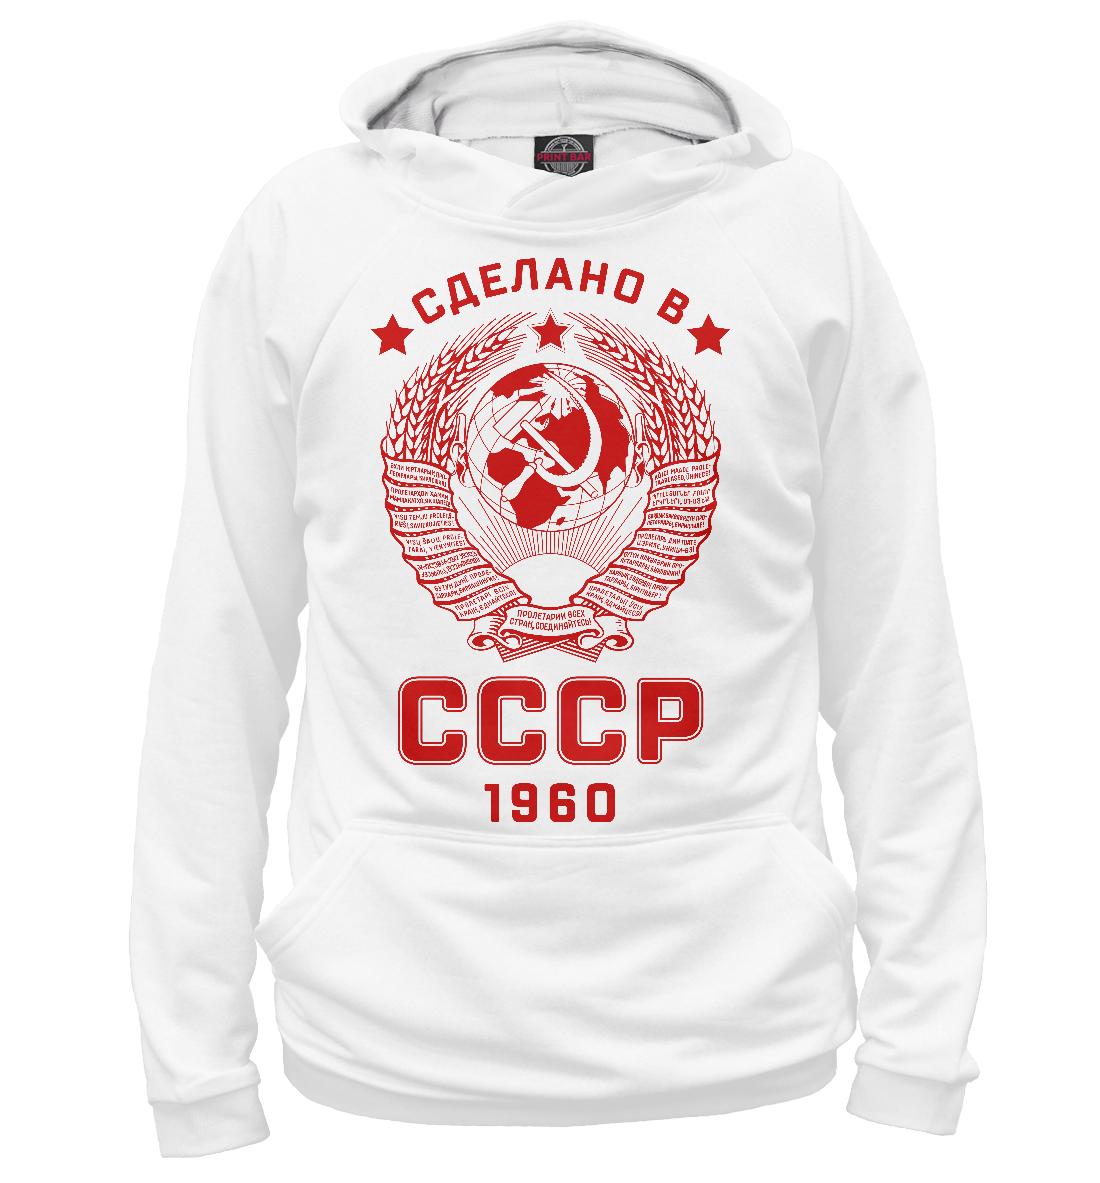 Купить Сделано в СССР - 1960, Printbar, Худи, RZP-437476-hud-2